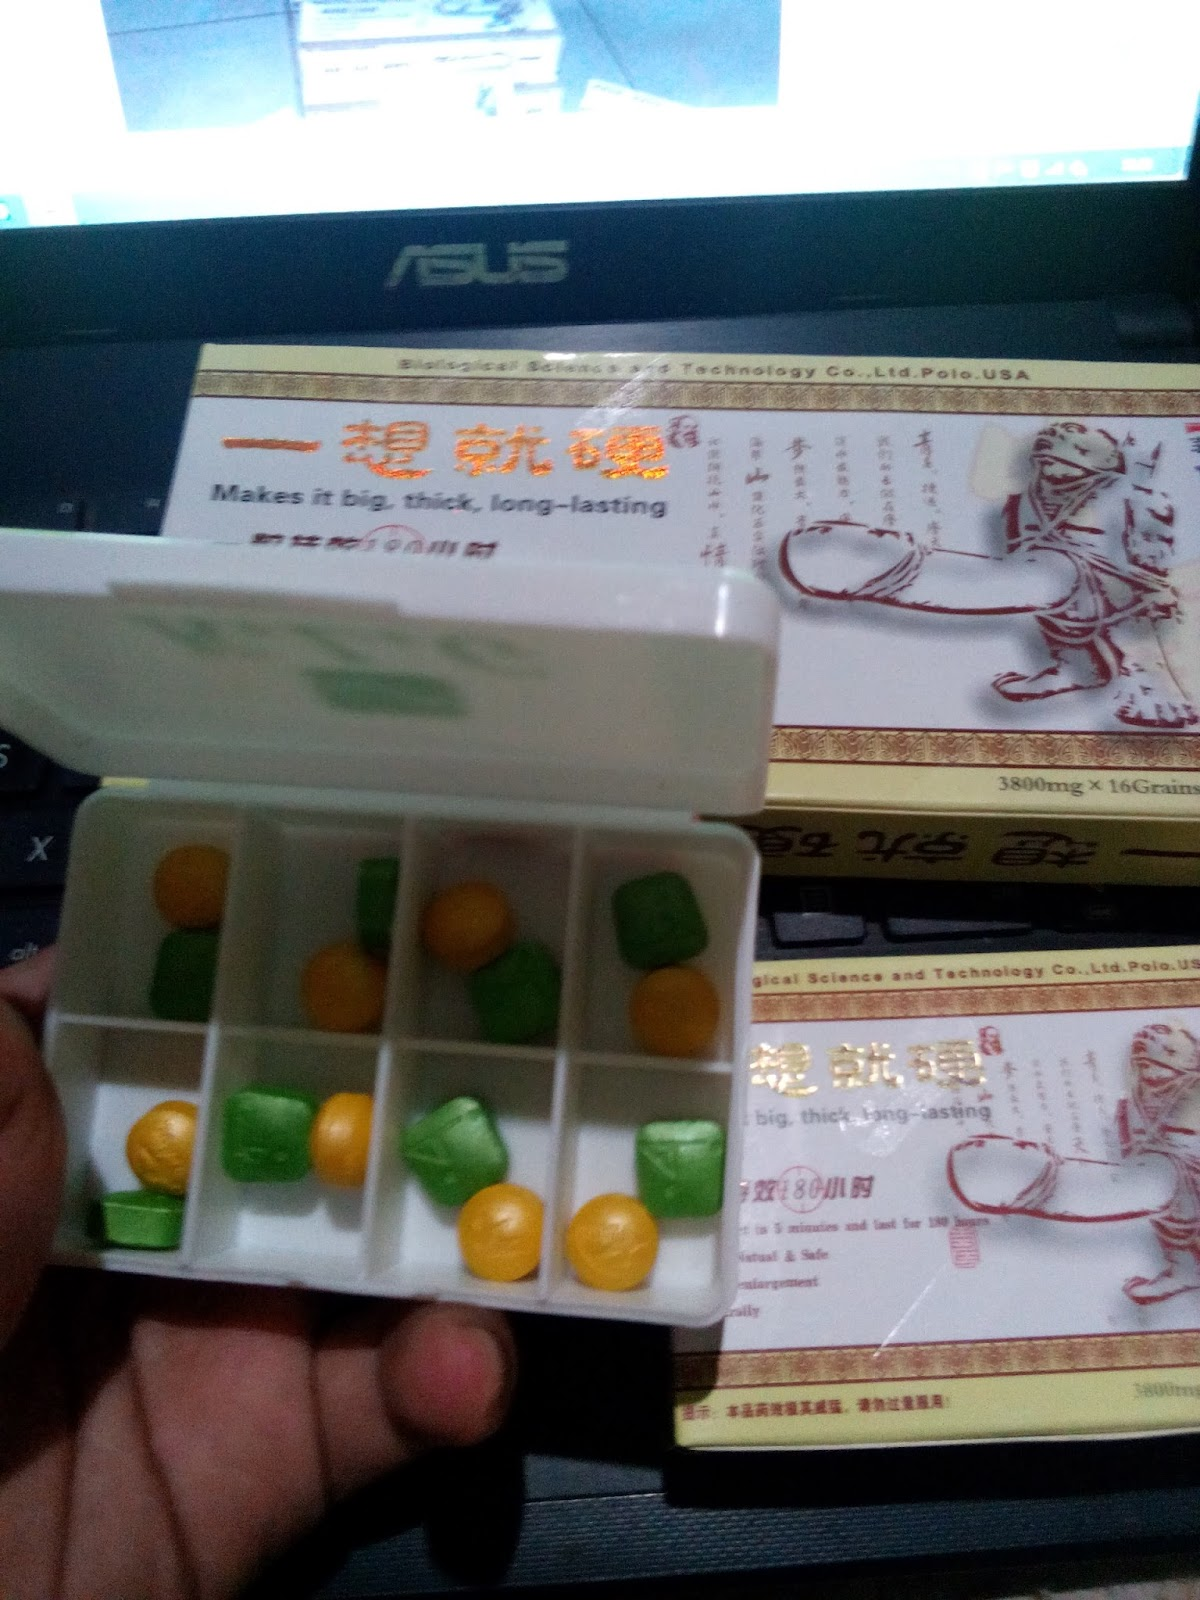 klg pills untuk vitalitas pria agen firmax indonesia